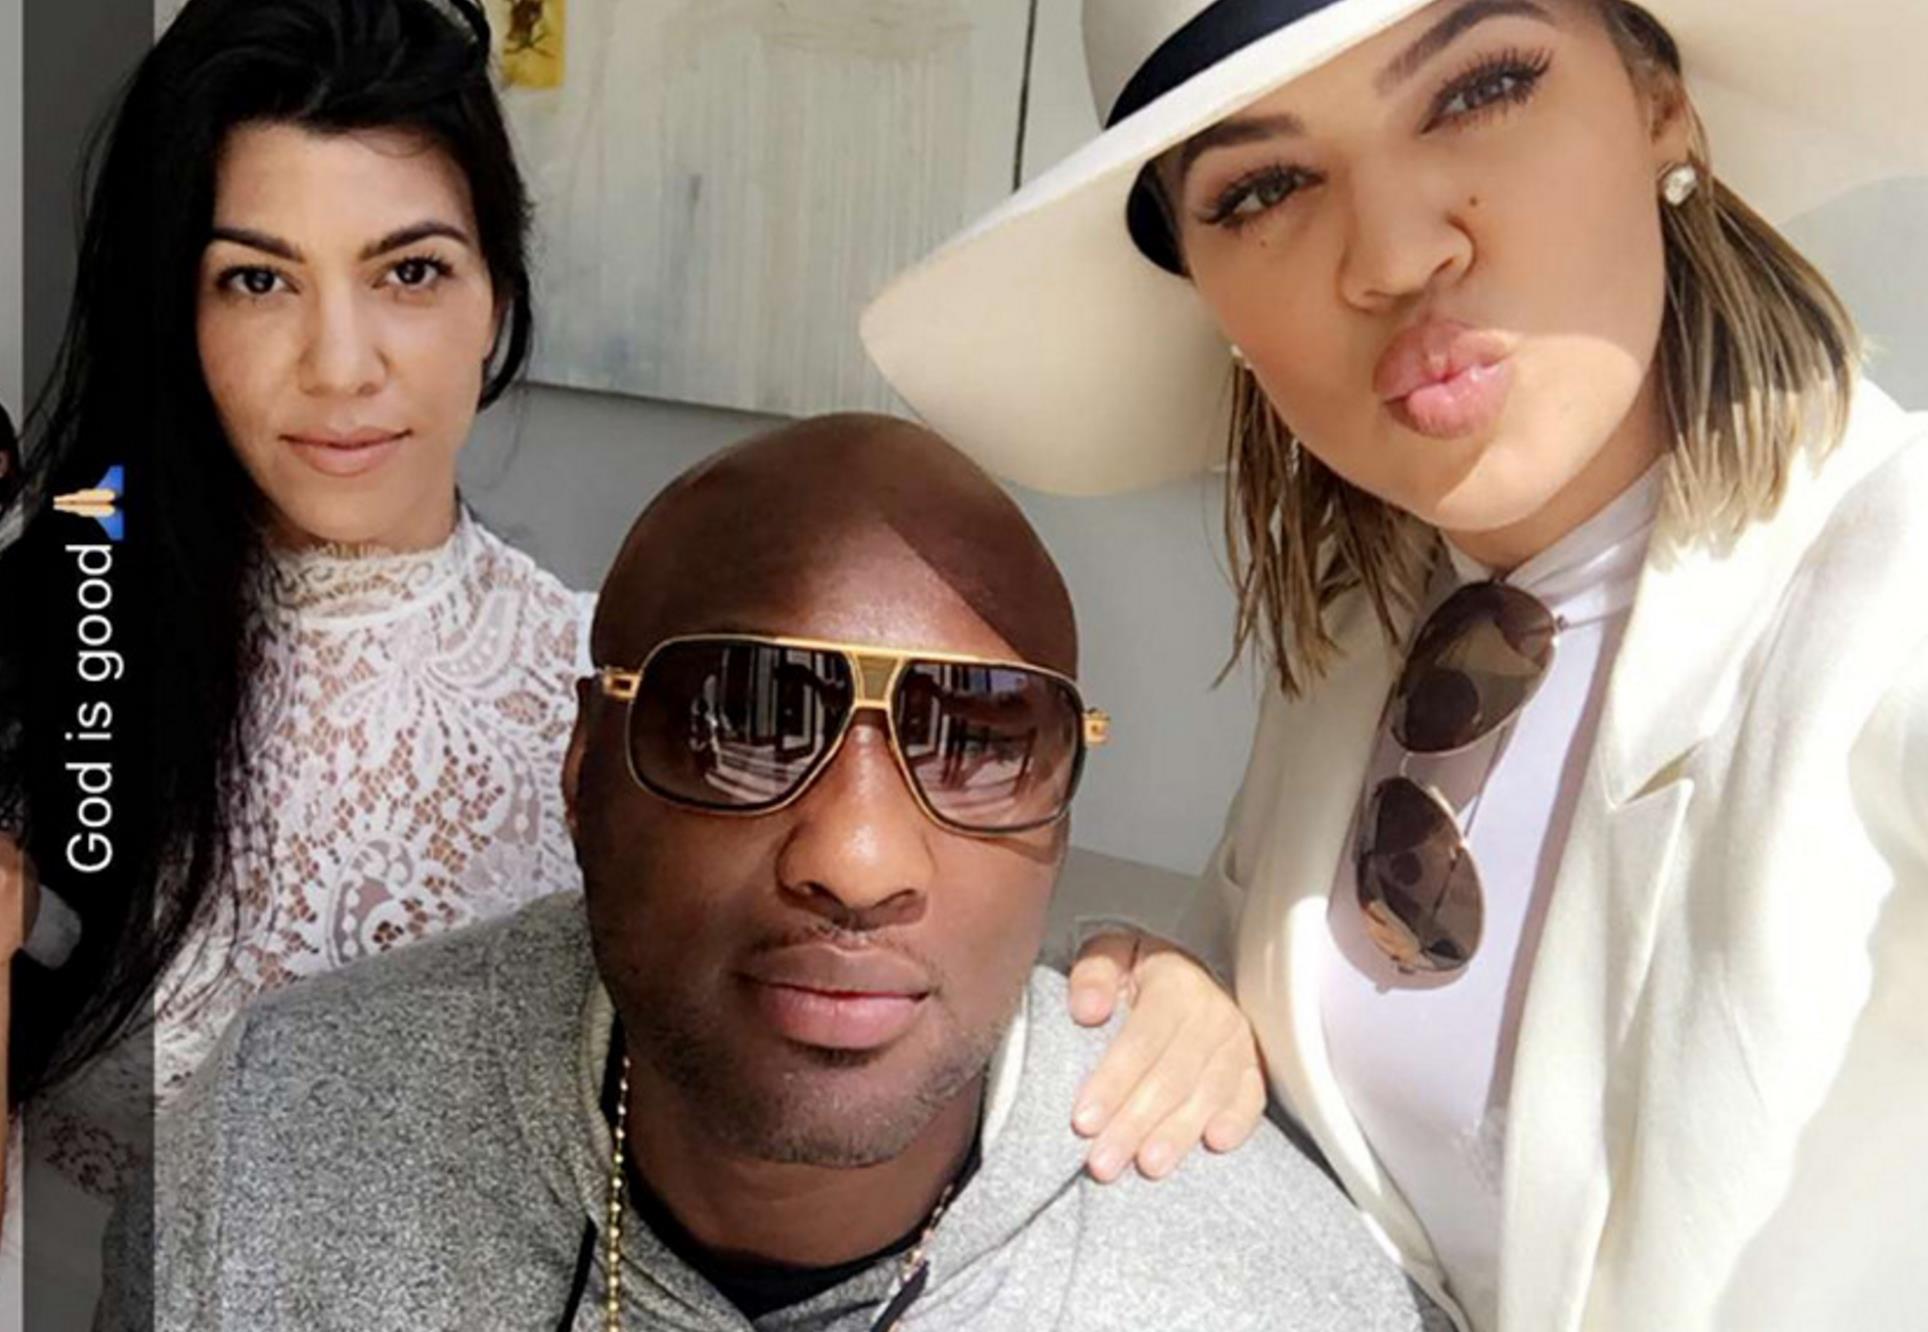 Is Khloe Kardashian pregnant?